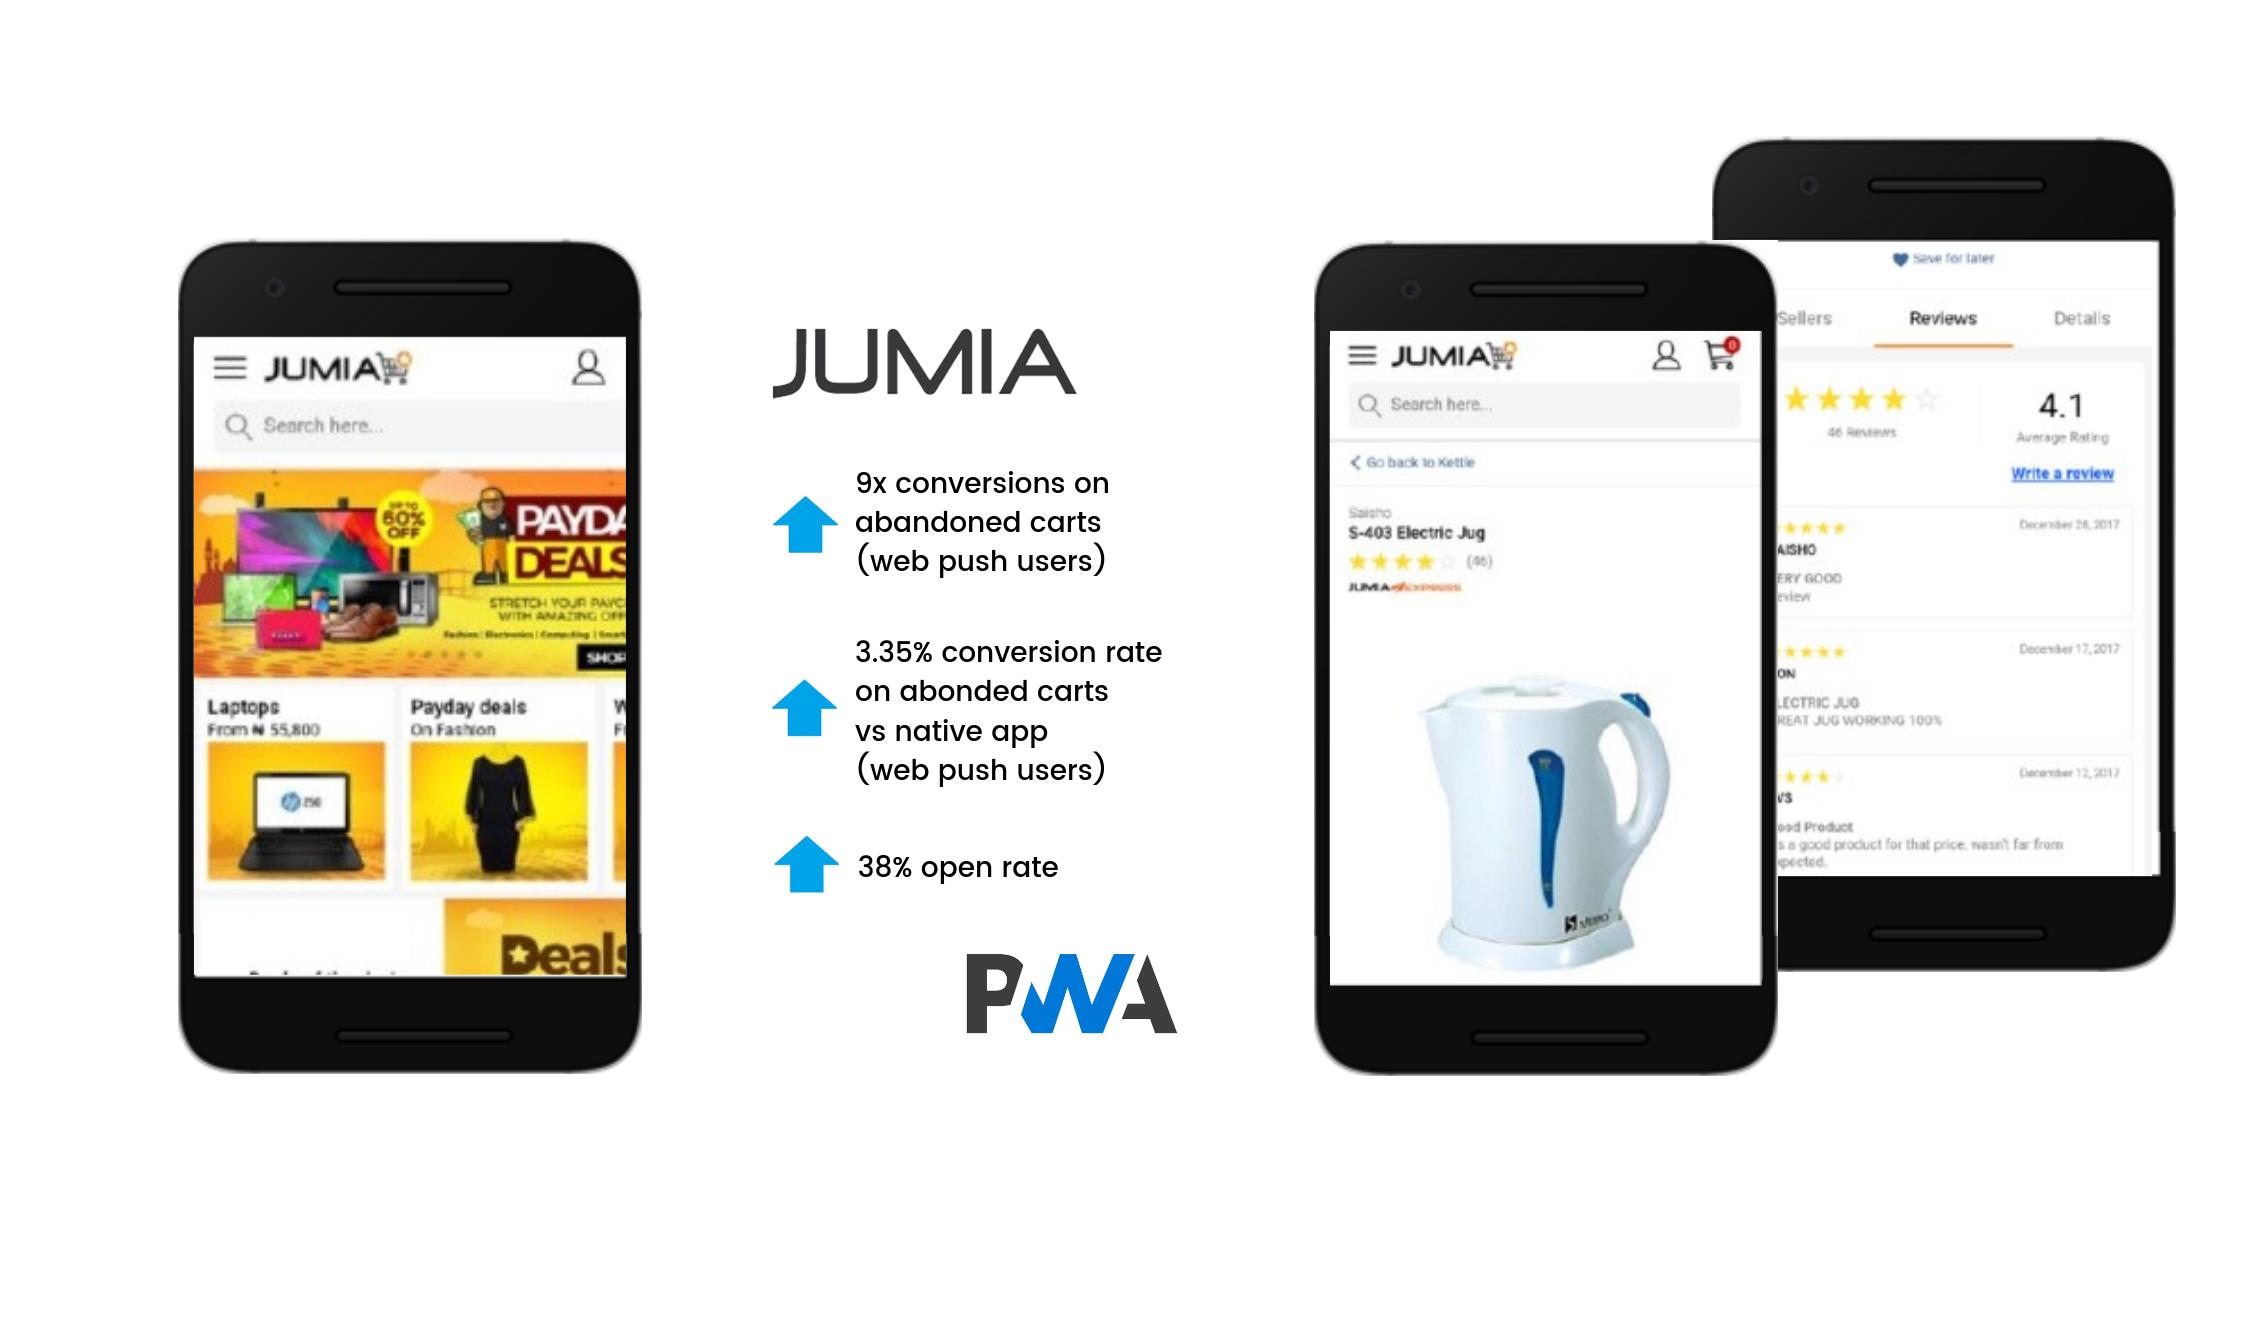 Jumia PWA